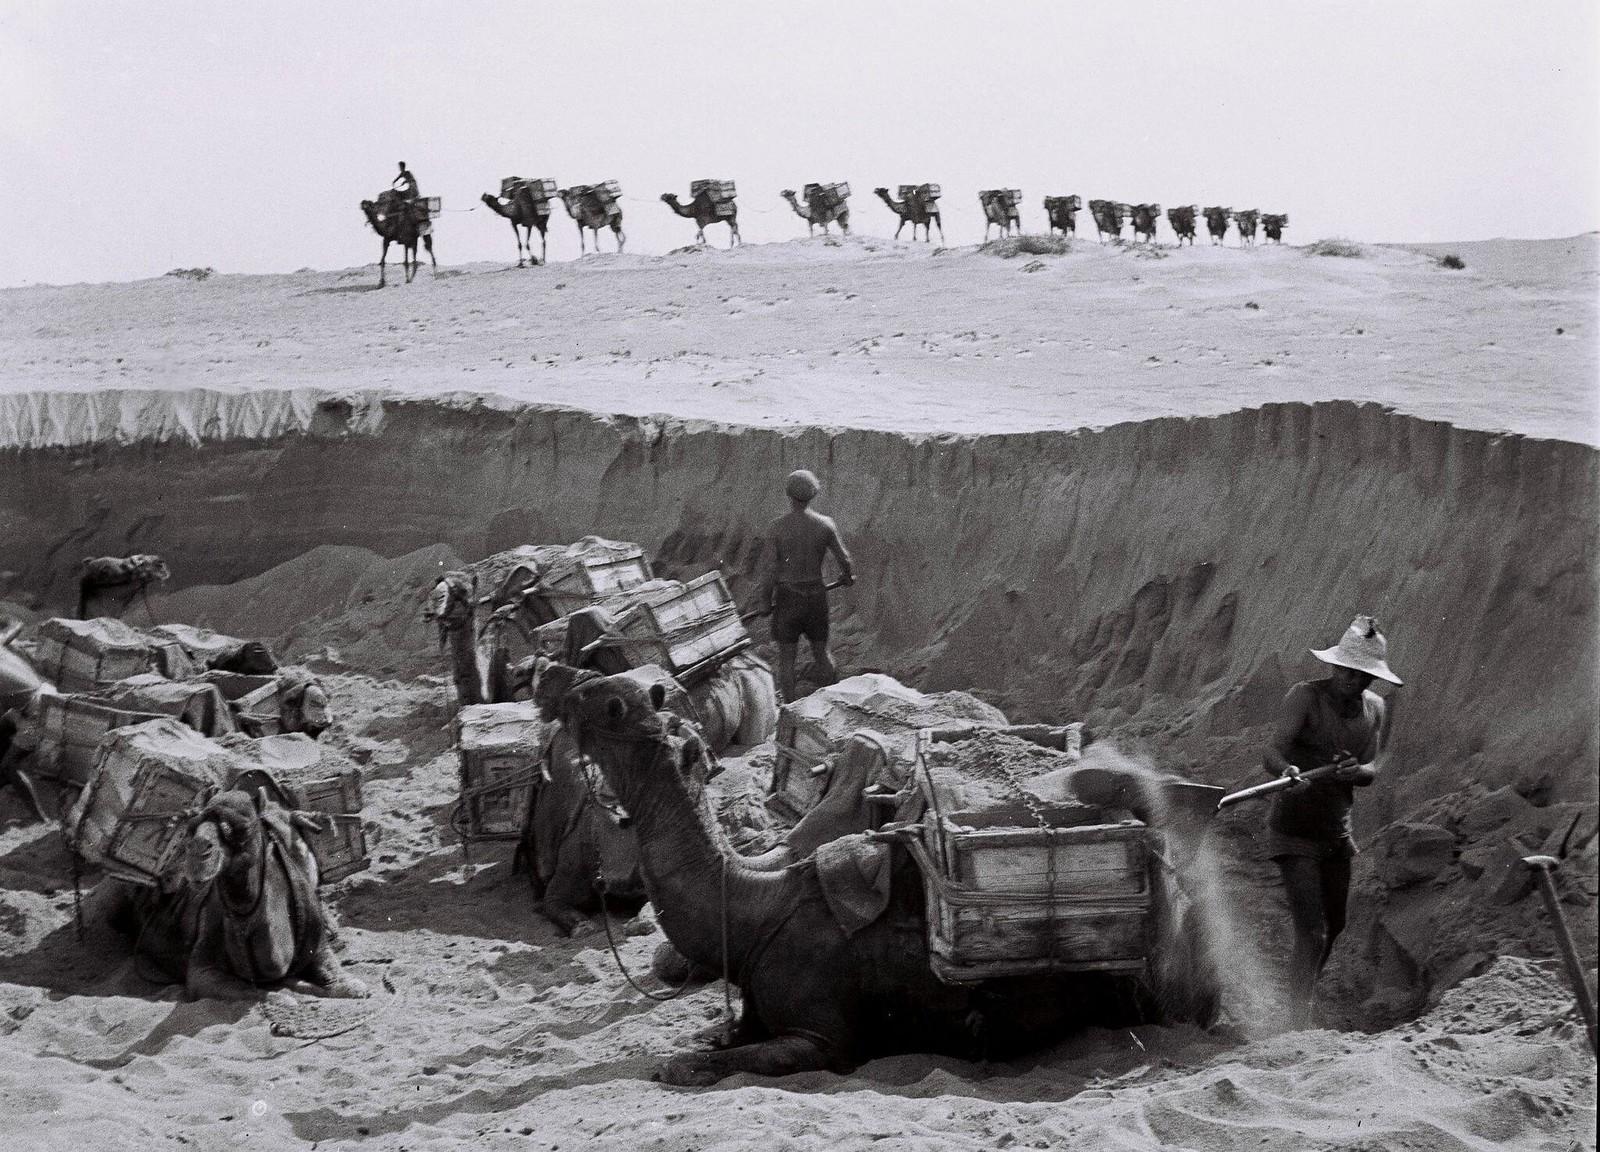 19. Еврейские рабочие загружают гравий с морского берега на вьючных верблюдов для перевозки на строительные площадки 1 августа в Бат-Яме  (2)